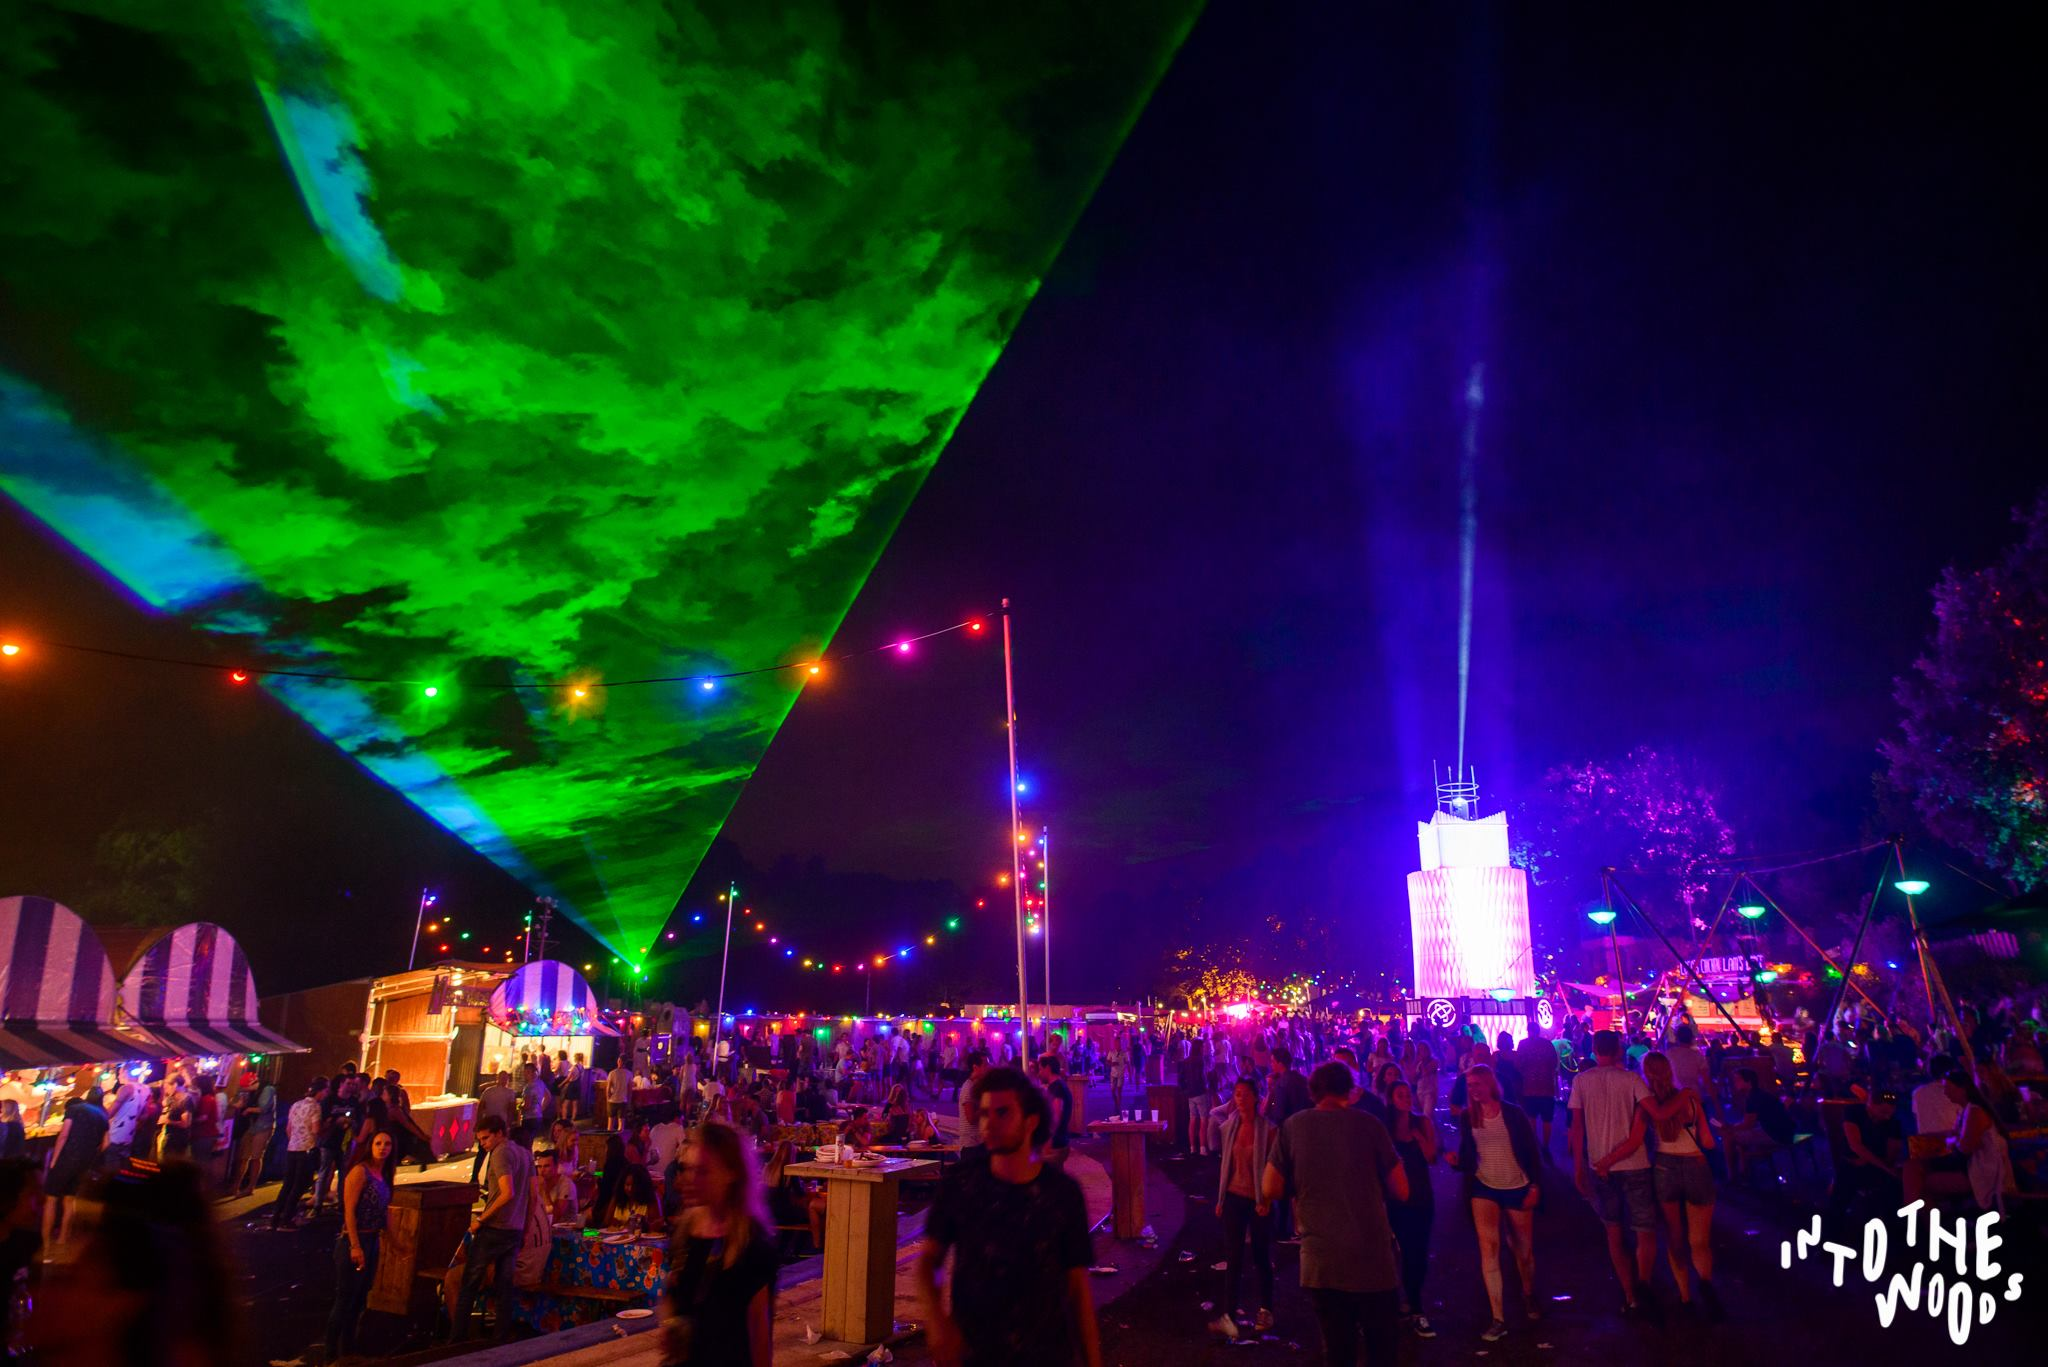 Gekleurde Led Lampen : Prikkabel meter gekleurde led lampen prikkabelverhuur